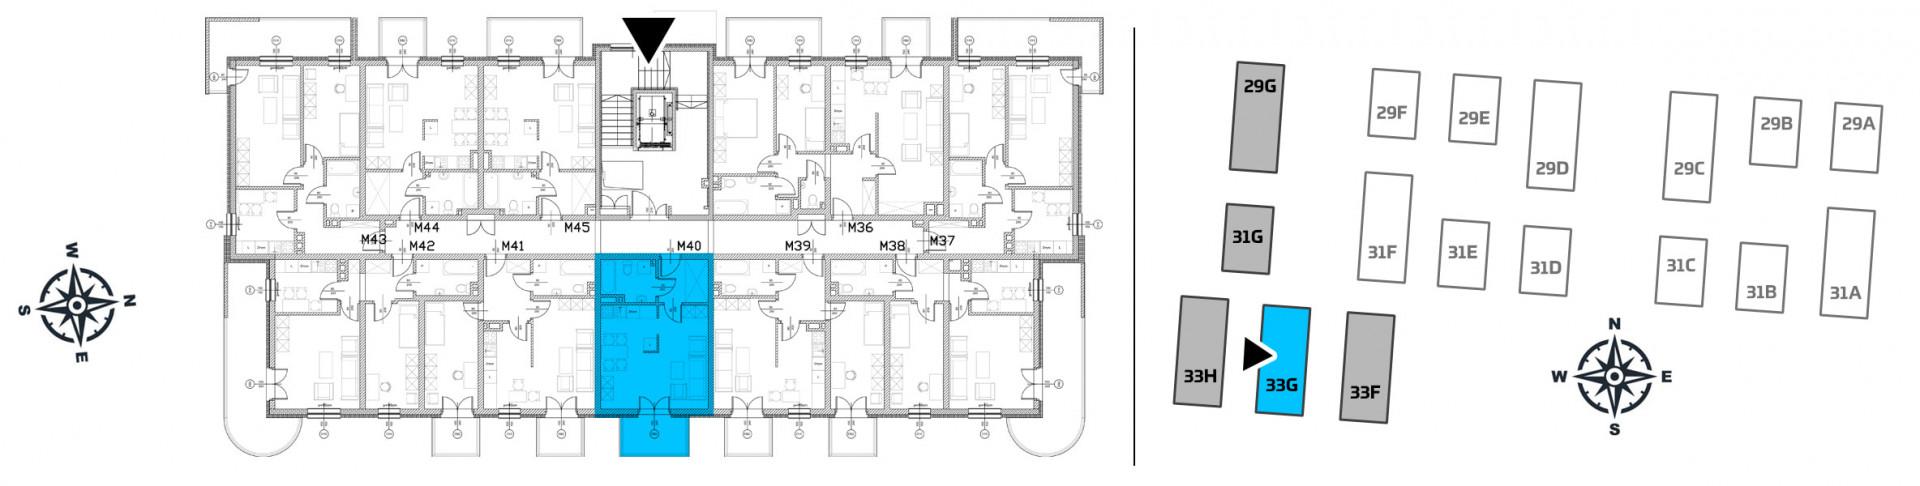 Mieszkanie jednopokojowe 33G/40 rzut 2